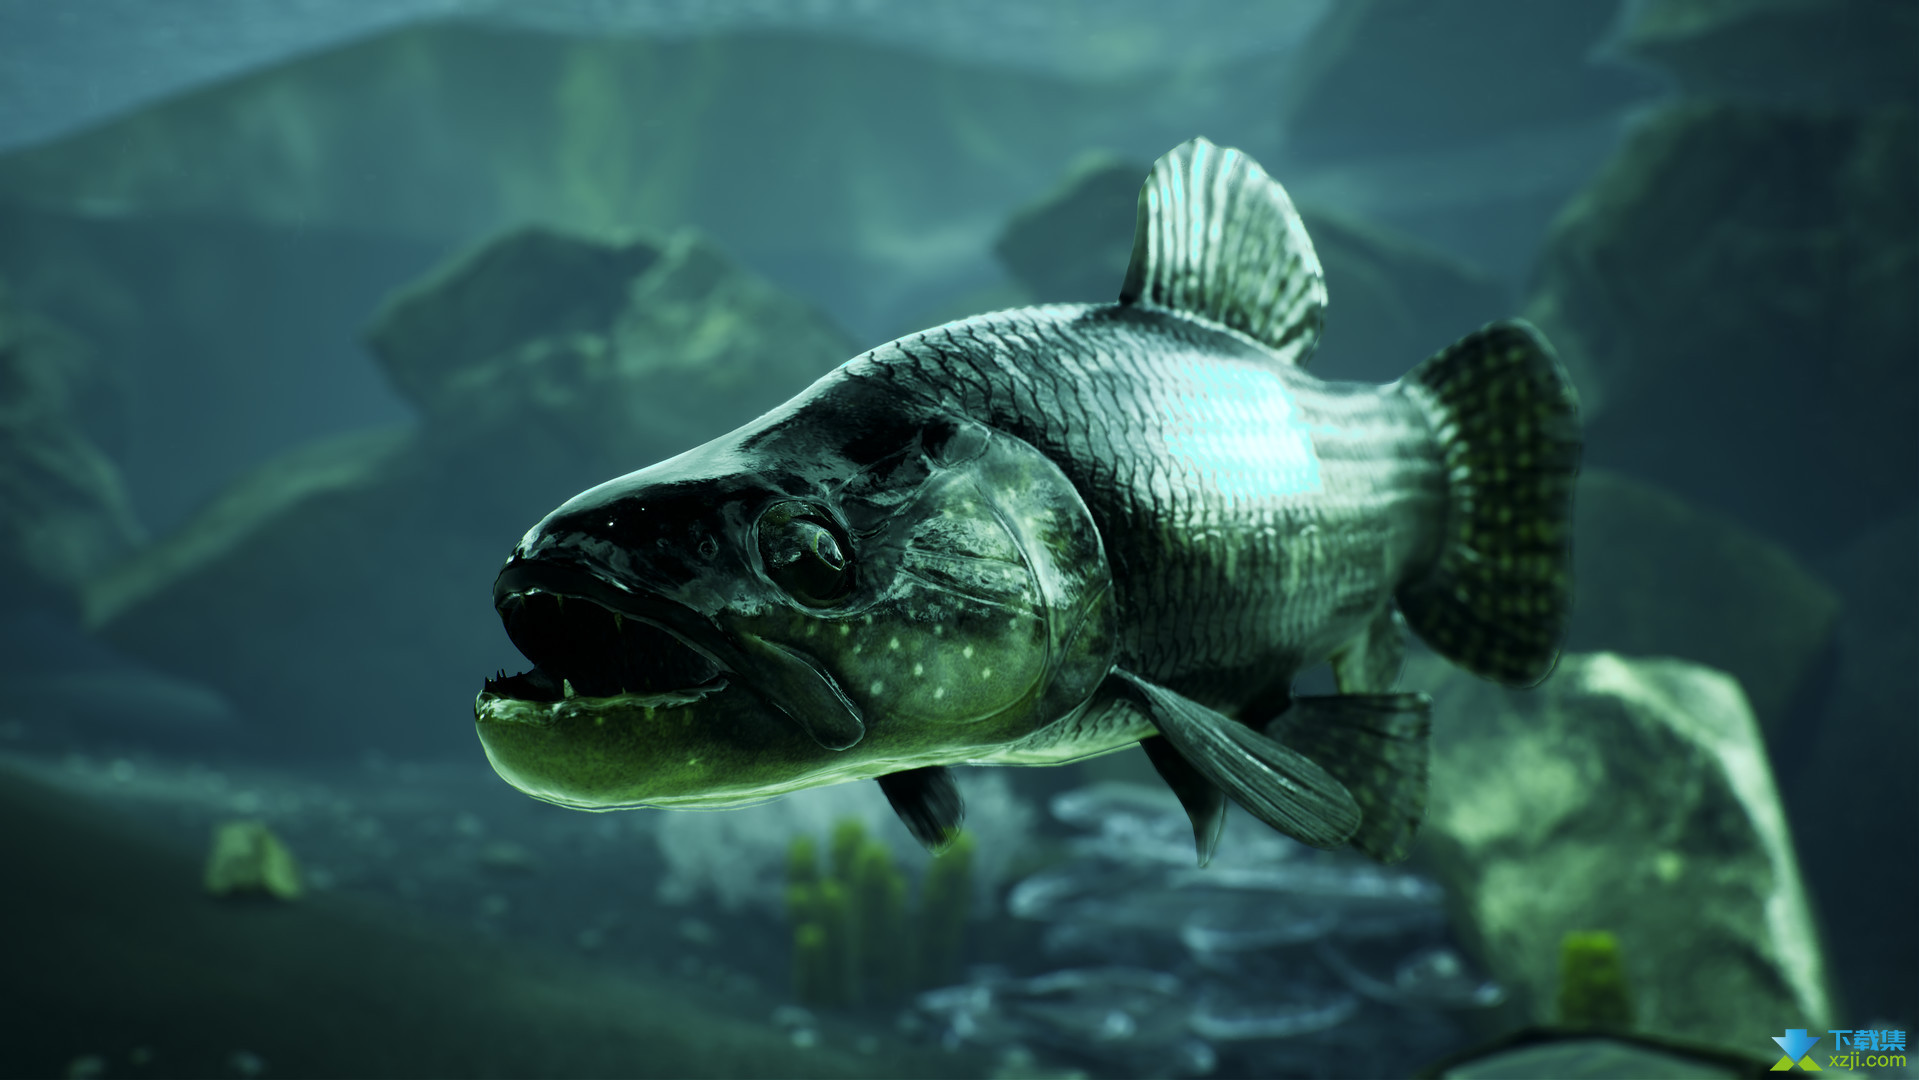 捕获物鲤鱼和大鱼界面4